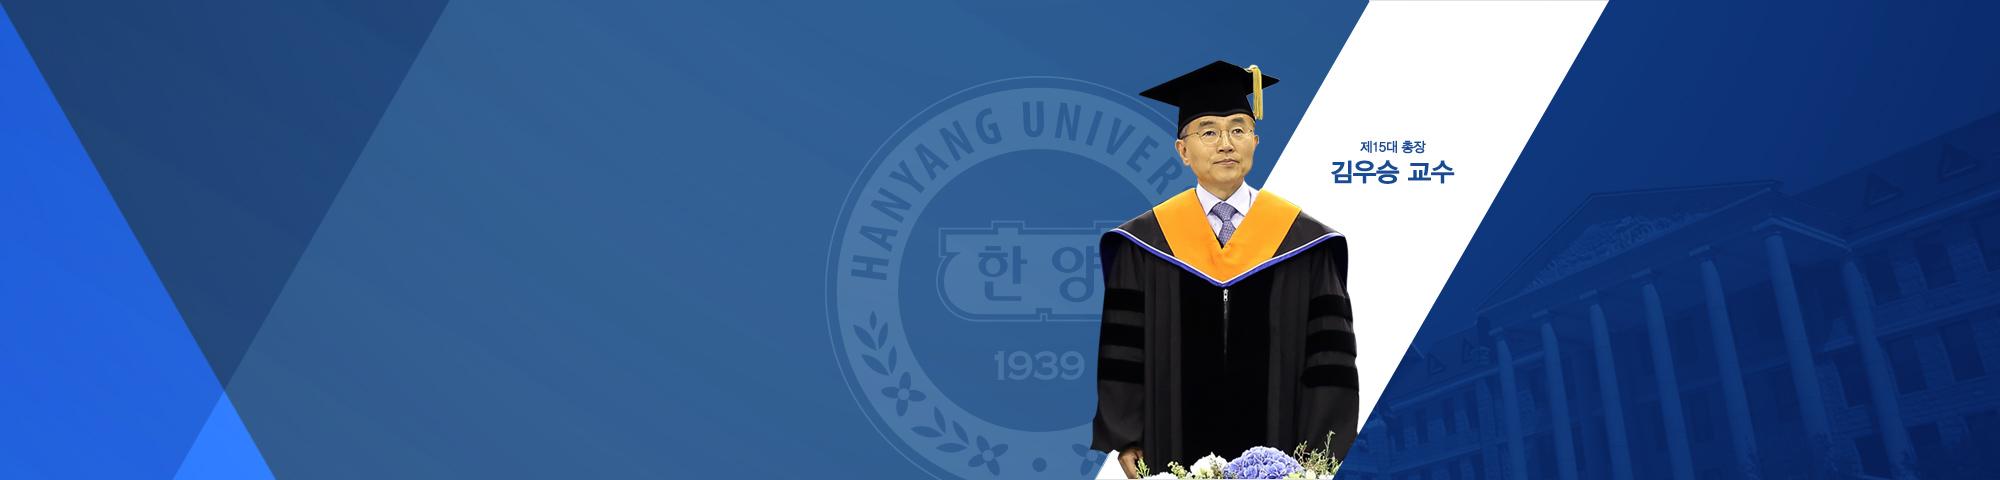 제 15대 총장 취임식